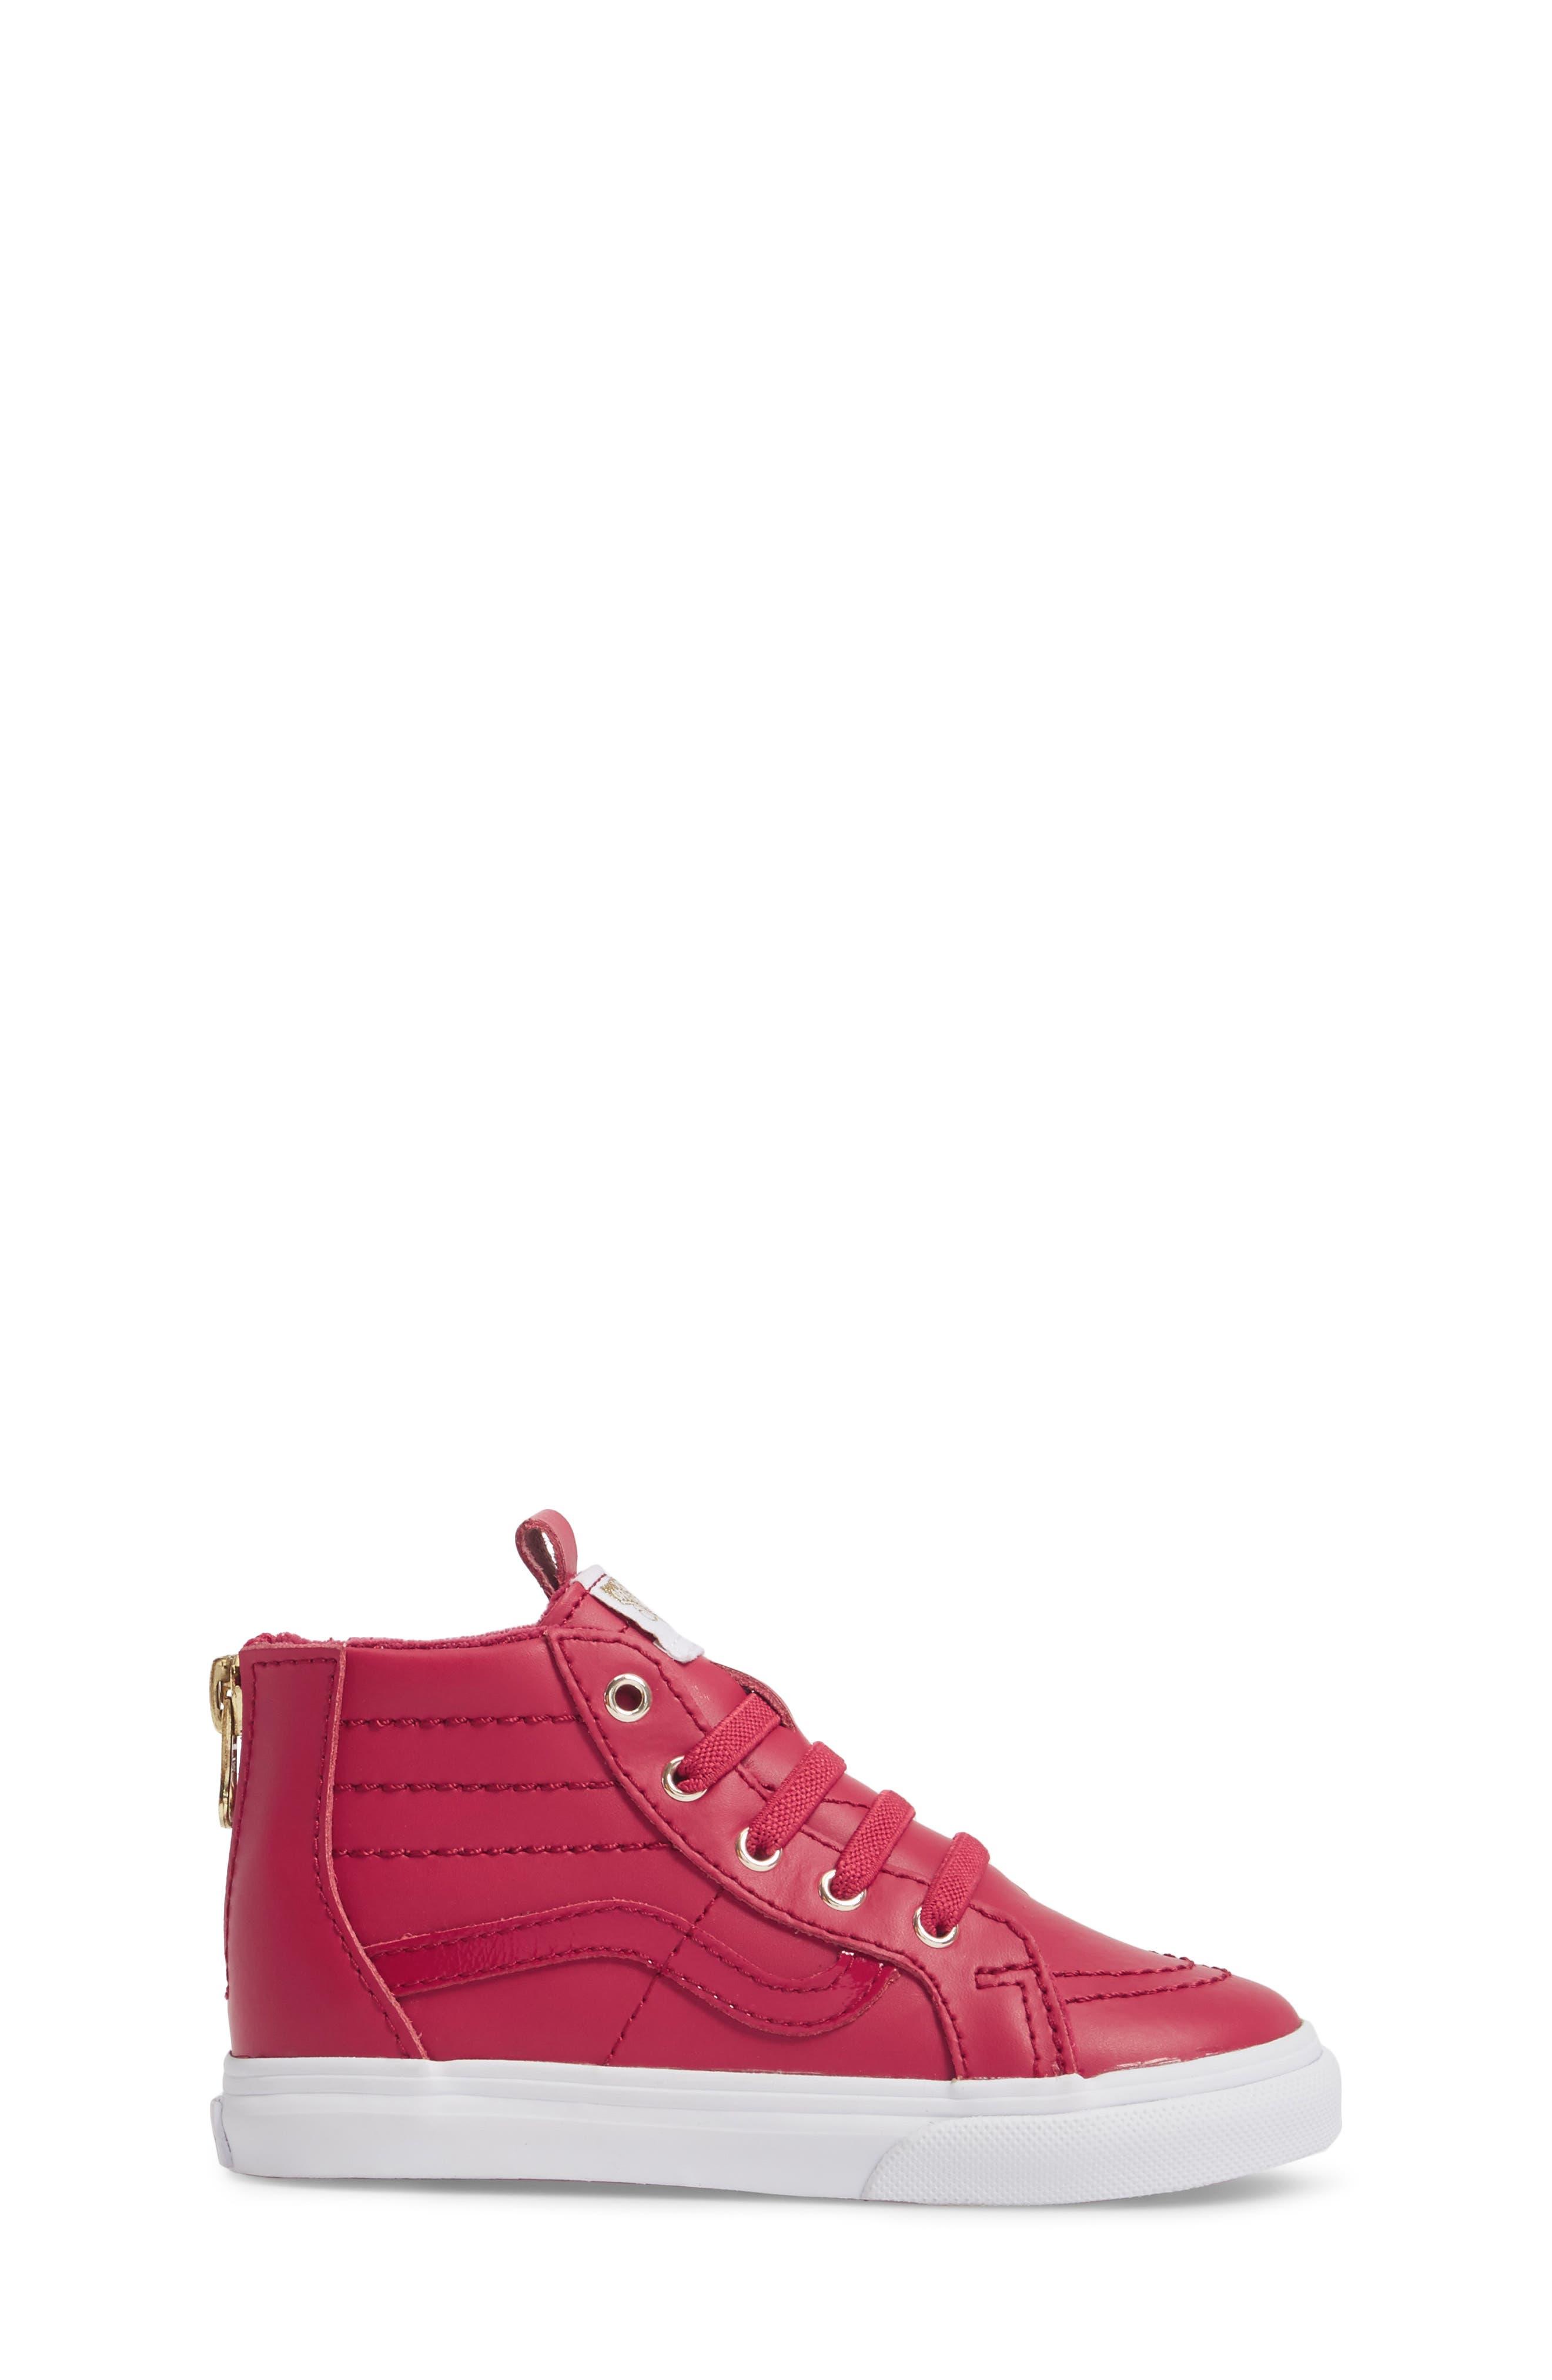 SK8-Hi Zip Sneaker,                             Alternate thumbnail 3, color,                             Persian Red/ Gold